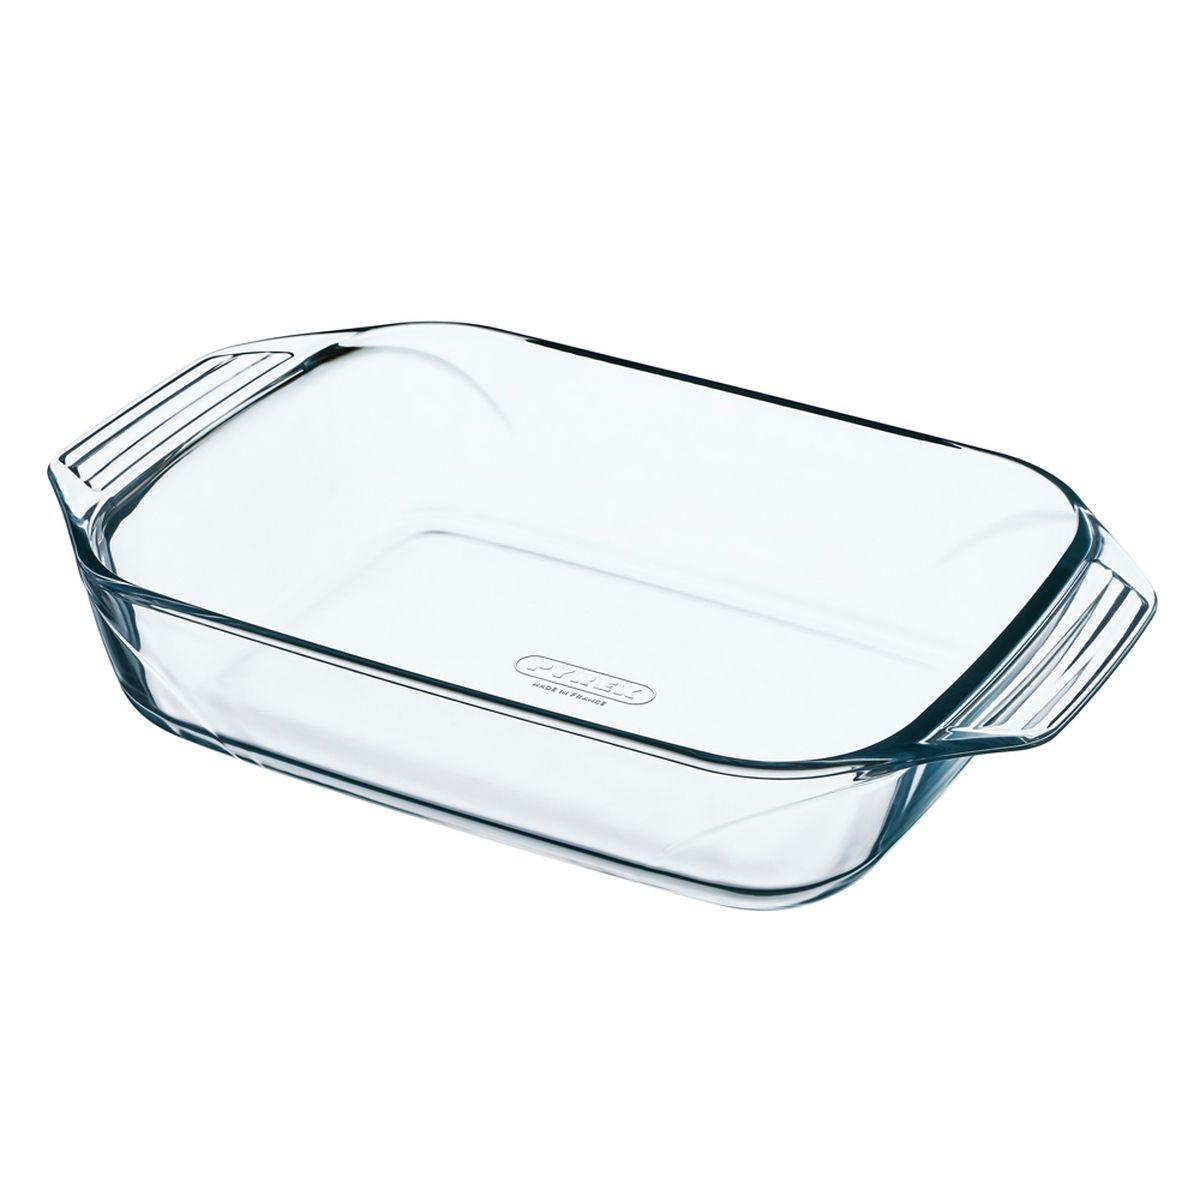 Plat à four en verre 35 x 23 cm - Pyrex